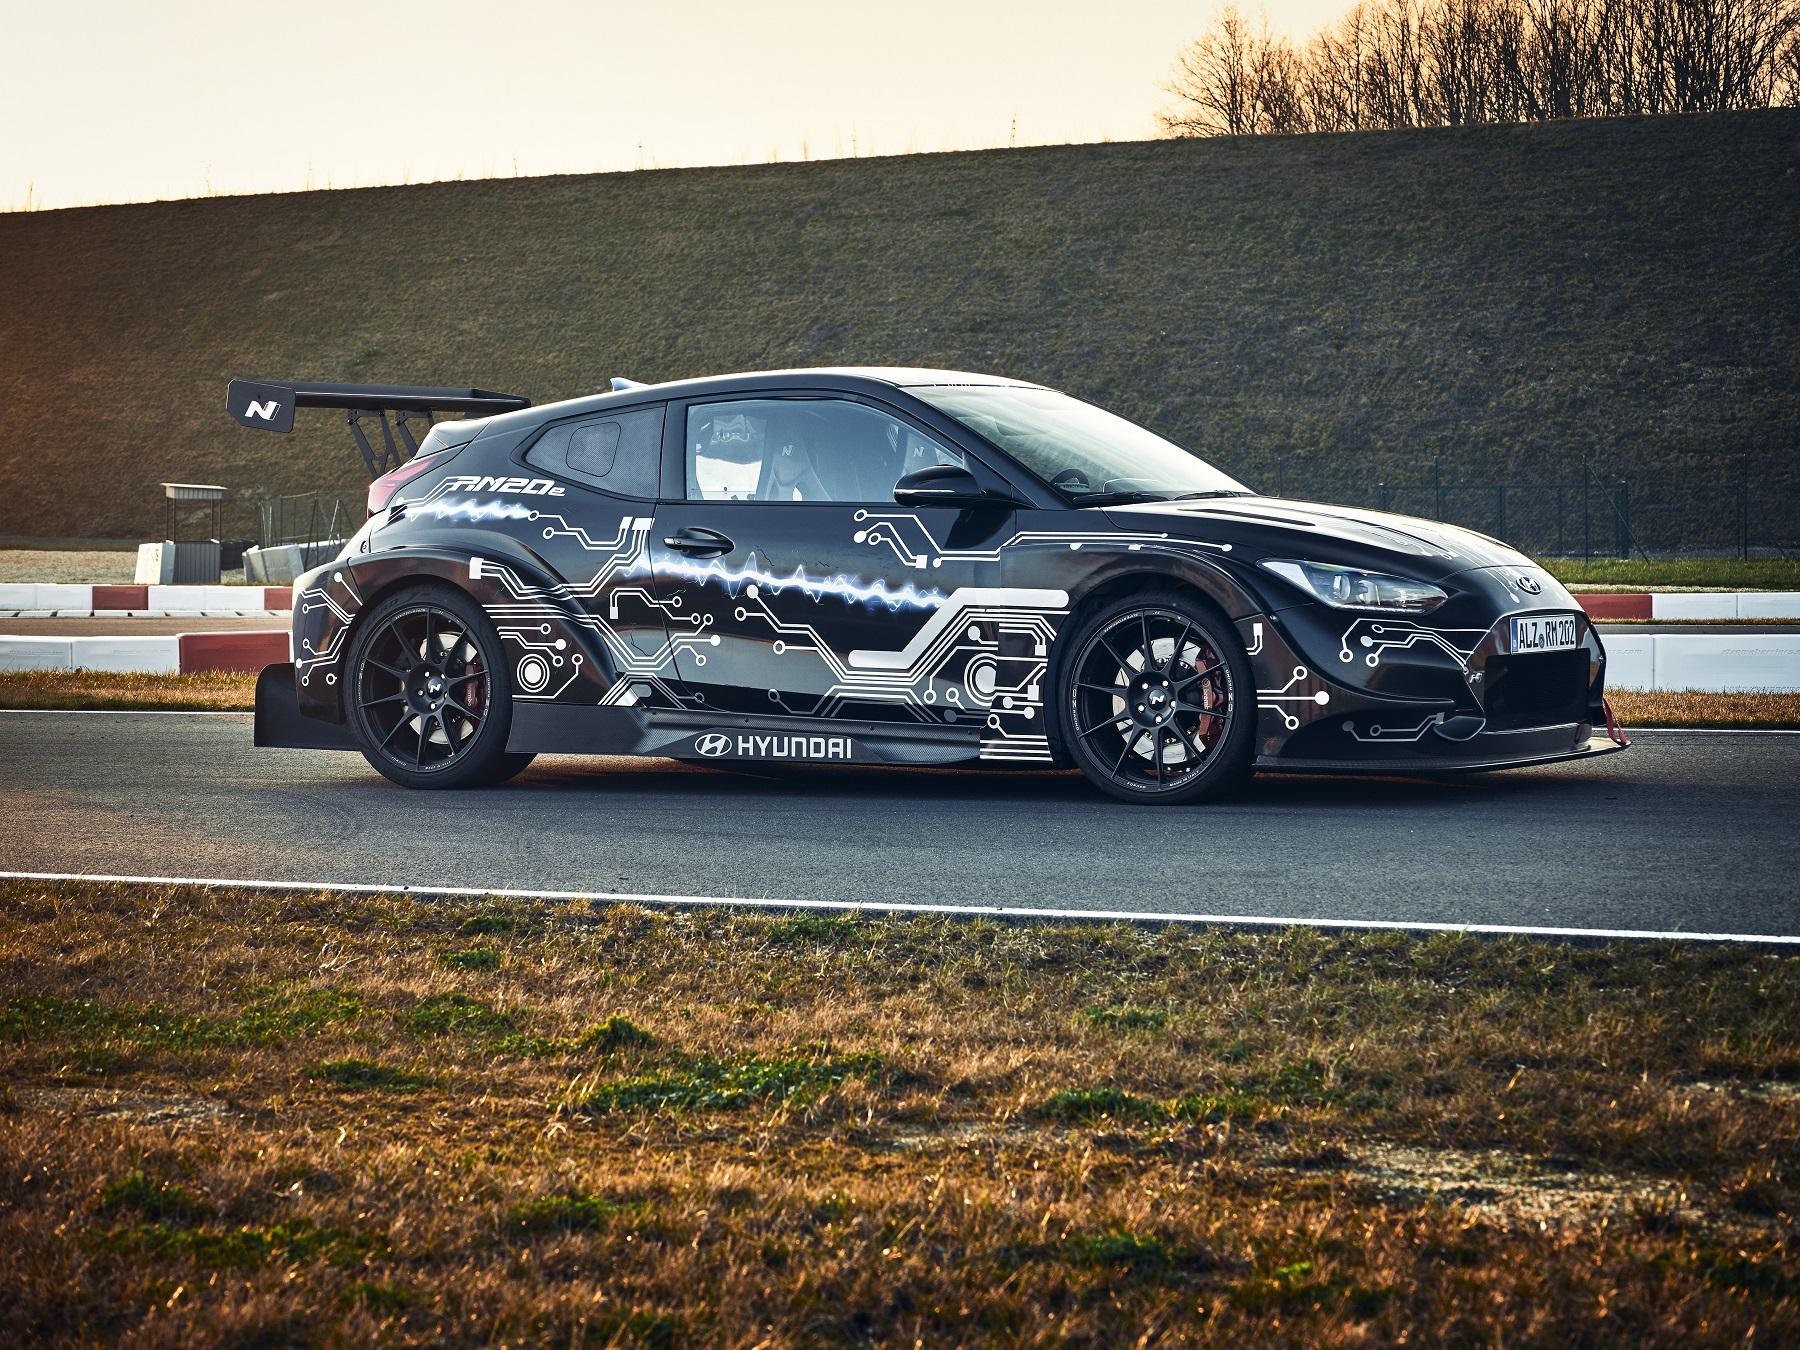 Hyundai N má elektrickú budúcnosť. Predznamenáva ju špeciál RM20e IR6xuSVqfg hyundai-rm20e-racing-mi